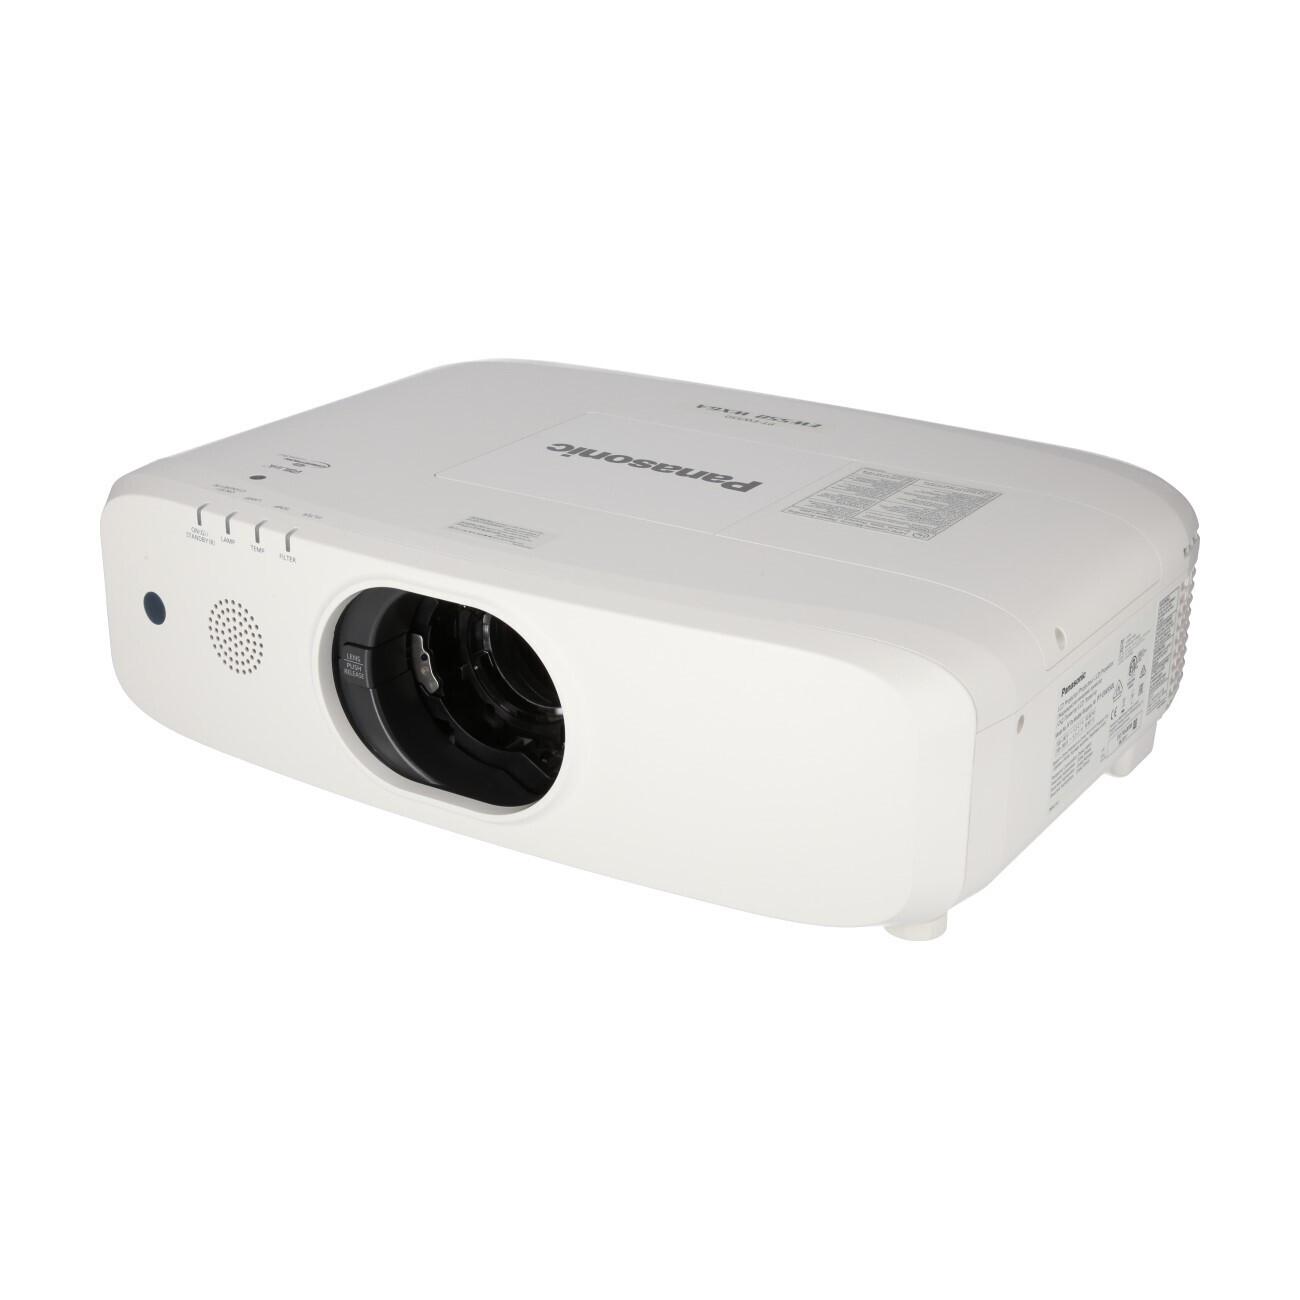 Panasonic PT-EW550LE (excl. Lens)